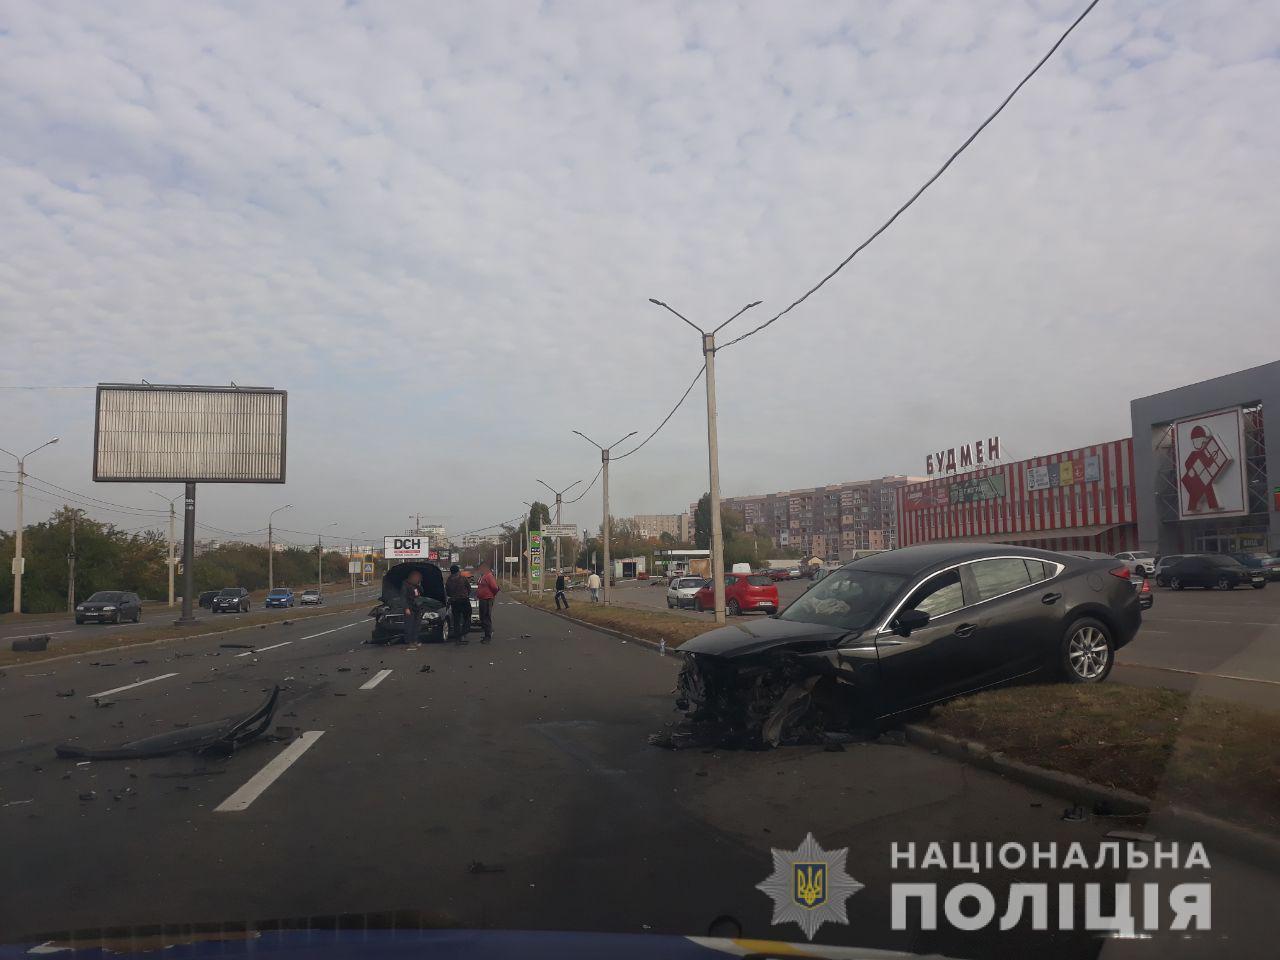 Двое мужчин пострадали в аварии в Харькове